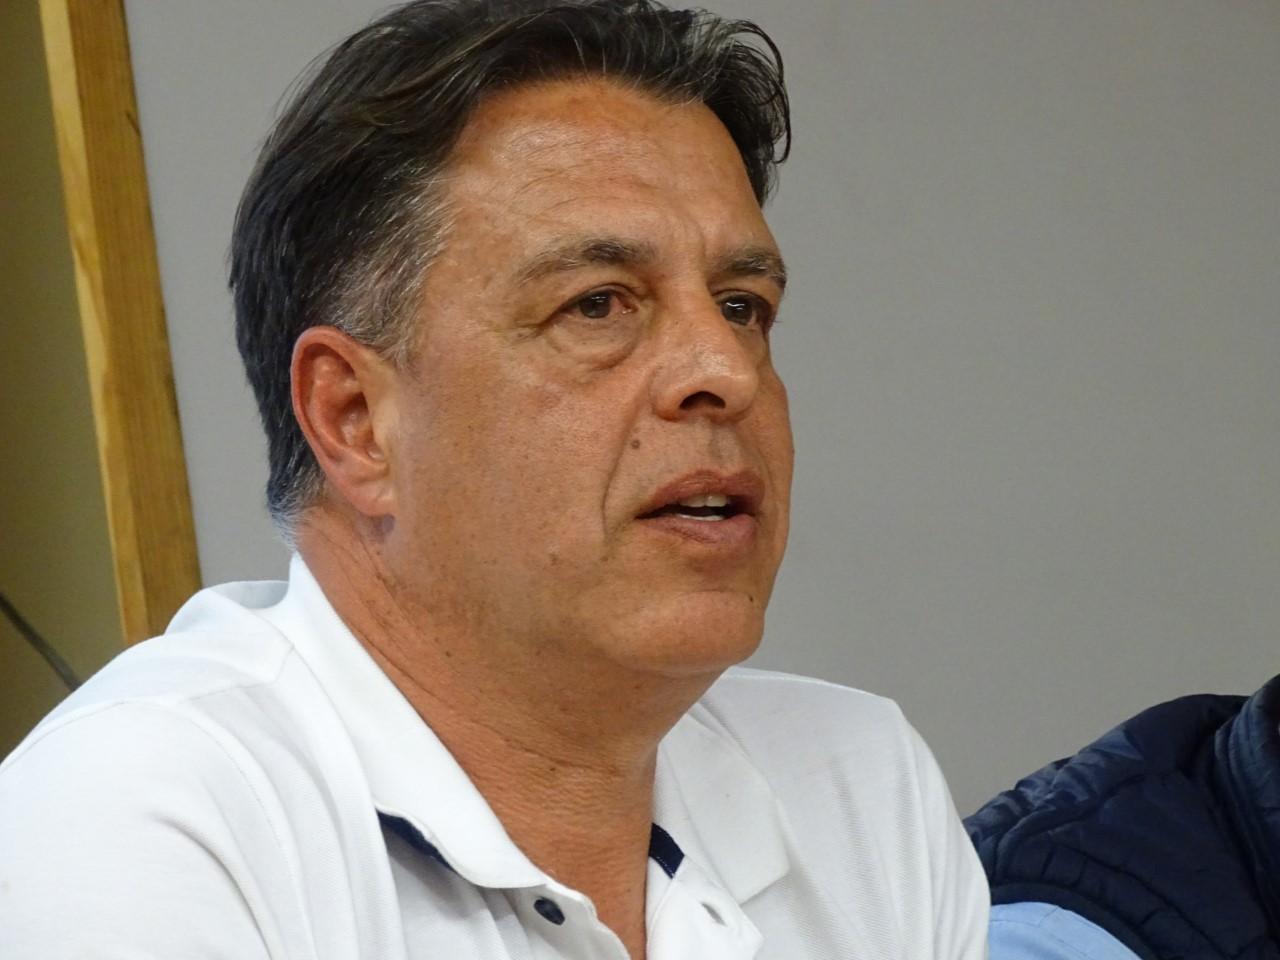 Bernardo Salom